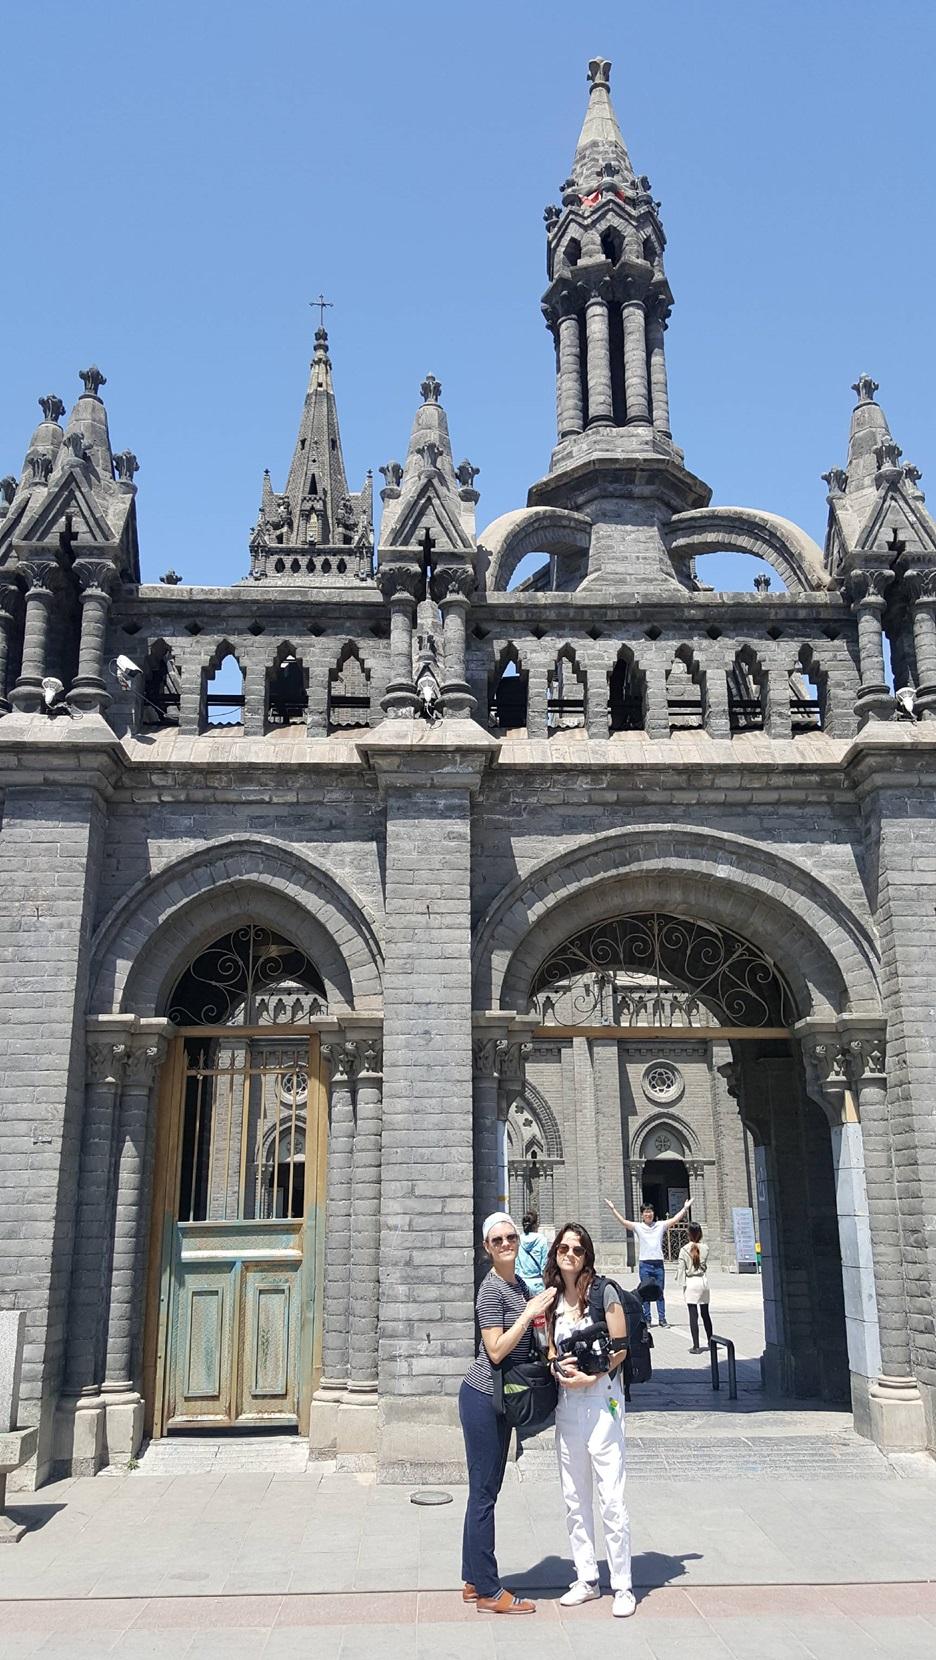 Sara Velas and Ruby Carlson in front of Nanguan Cathedral, May 2017 photo credit: Guan Rong